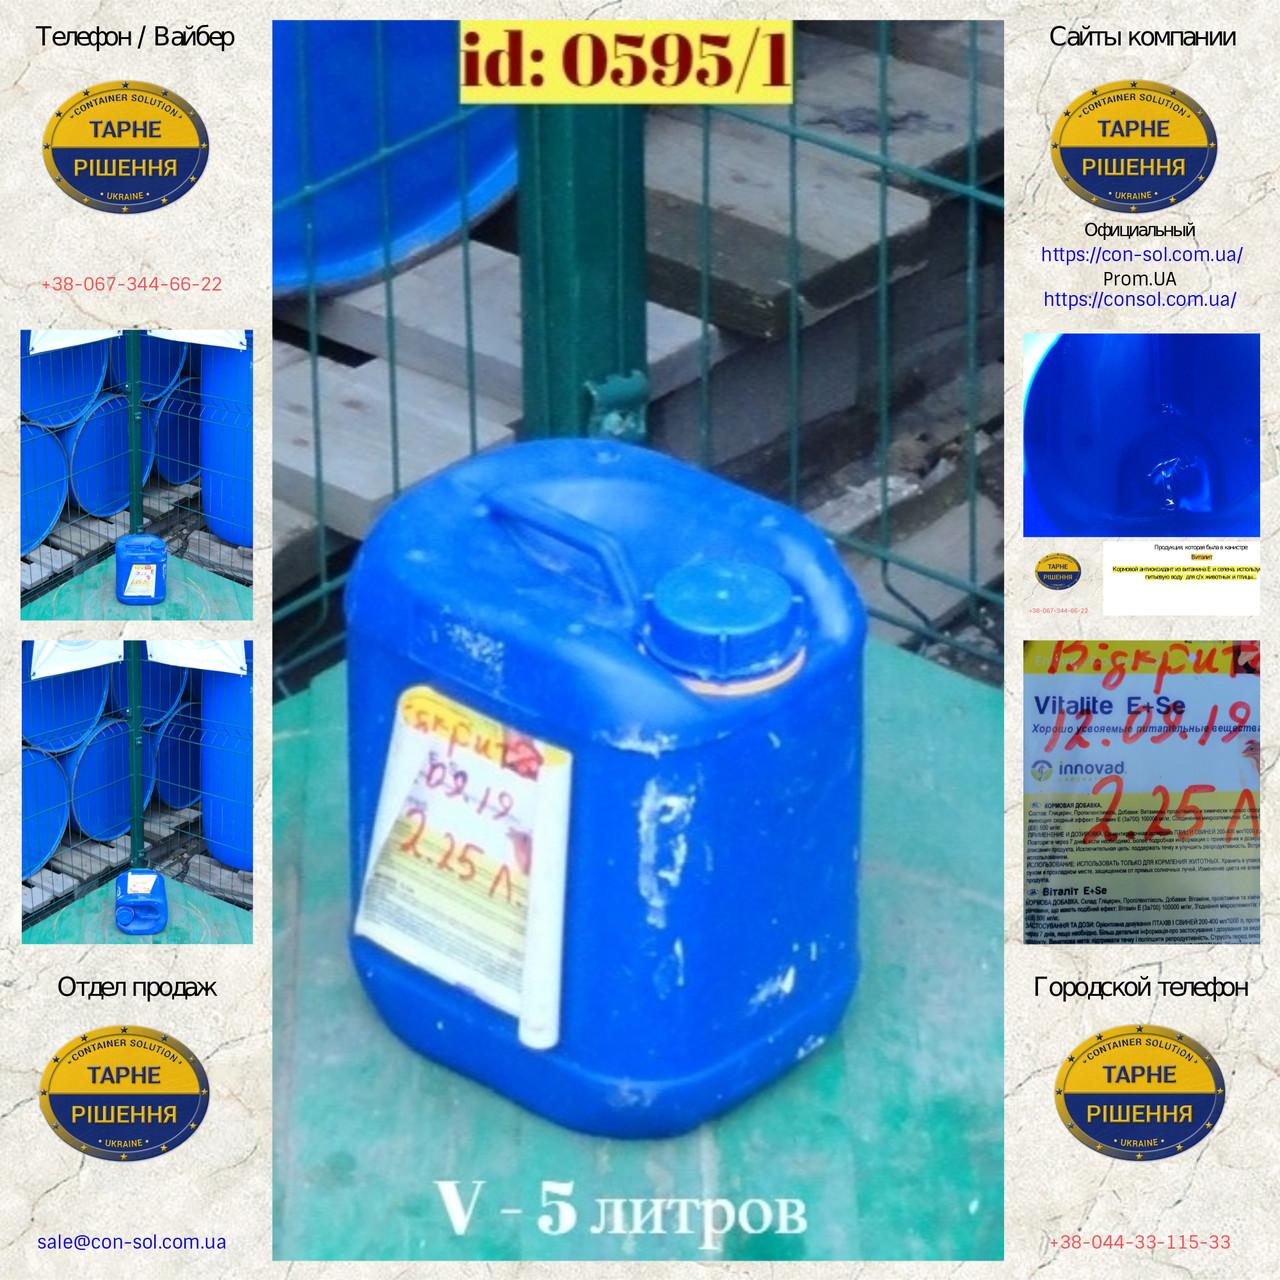 0595/1: Канистра (5 л.) б/у пластиковая ✦ Виталит